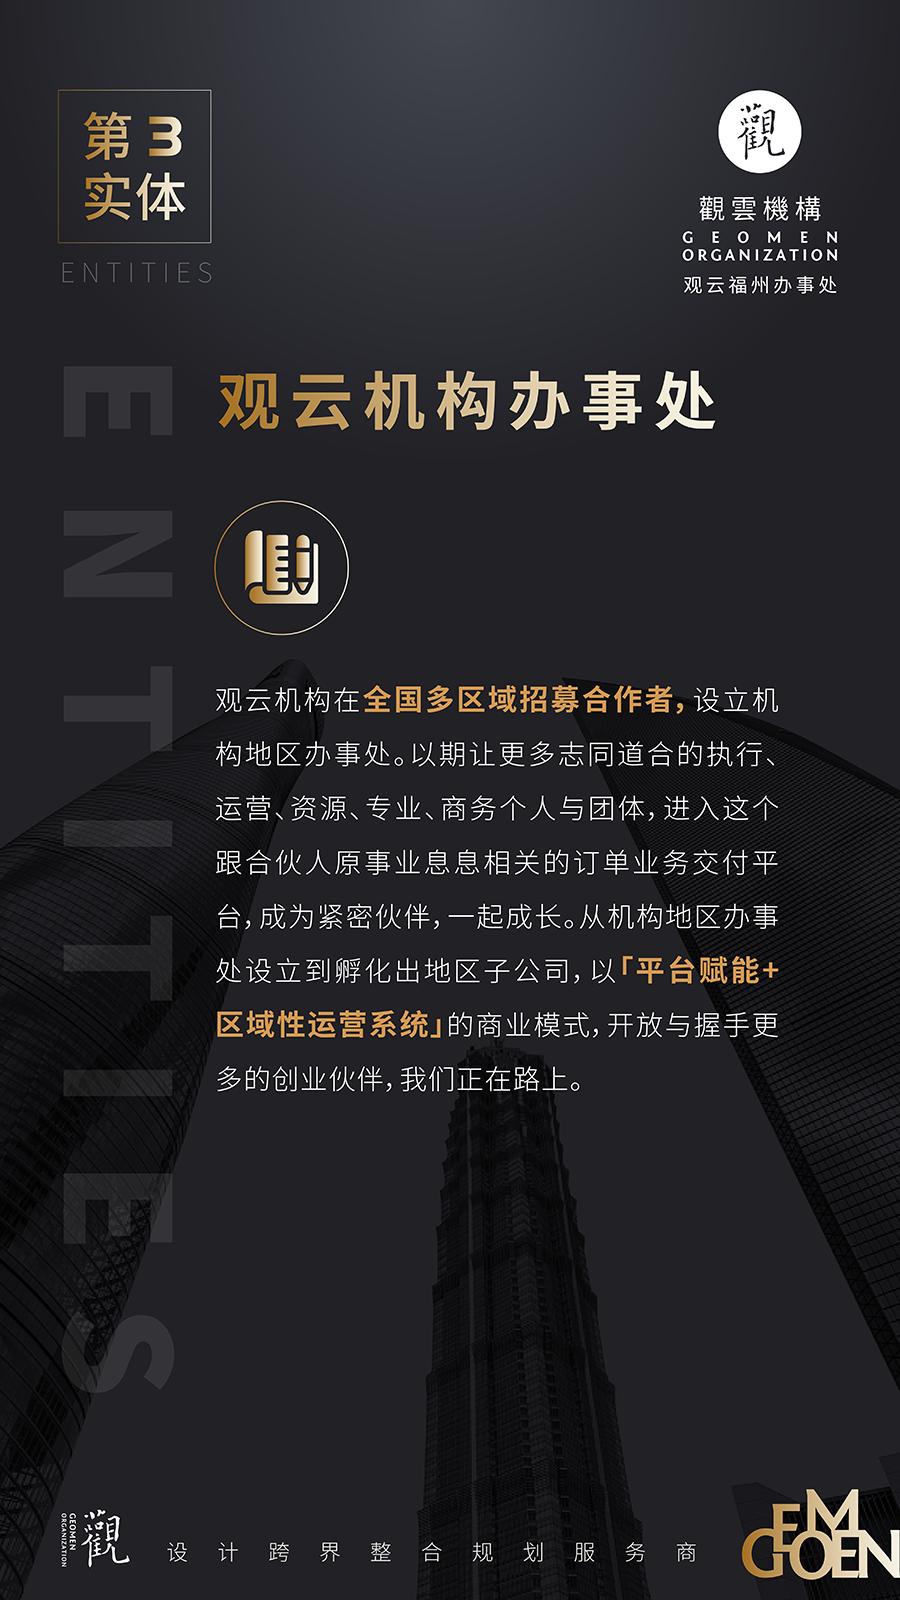 观云机构简介02.01_43.png